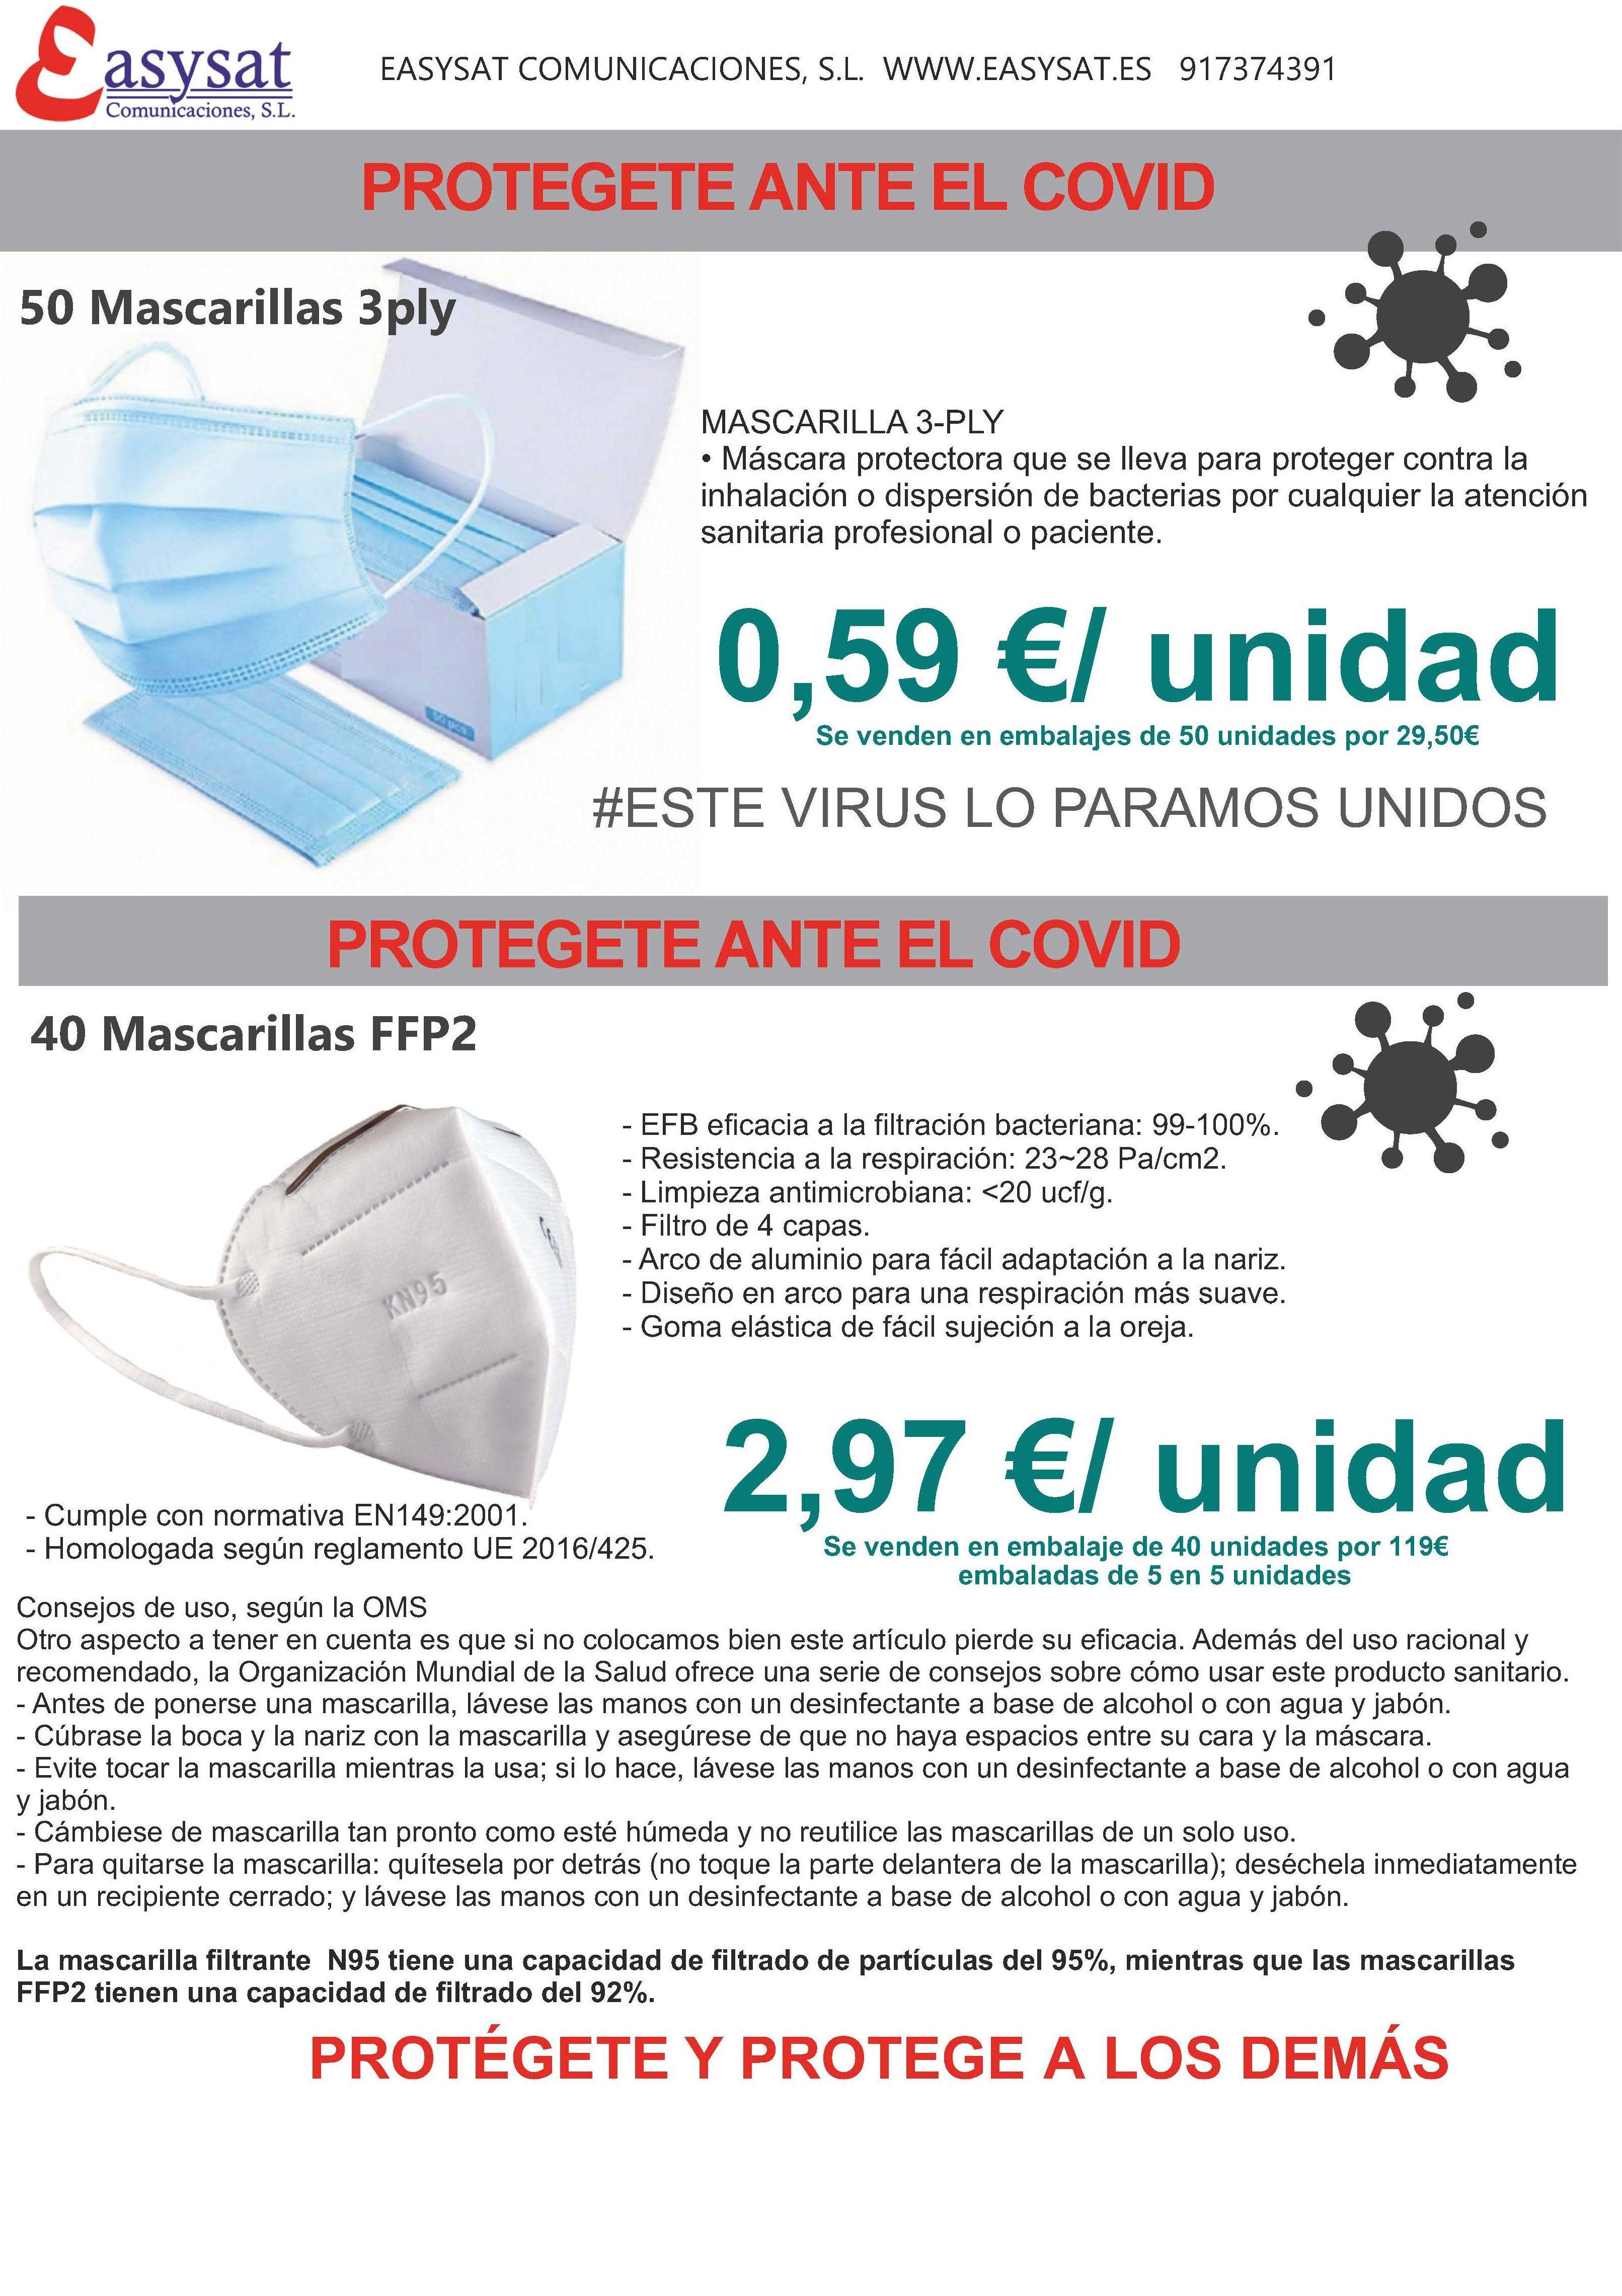 Material de protección y desinfección : Productos y servicios de Easysat Comunicaciones